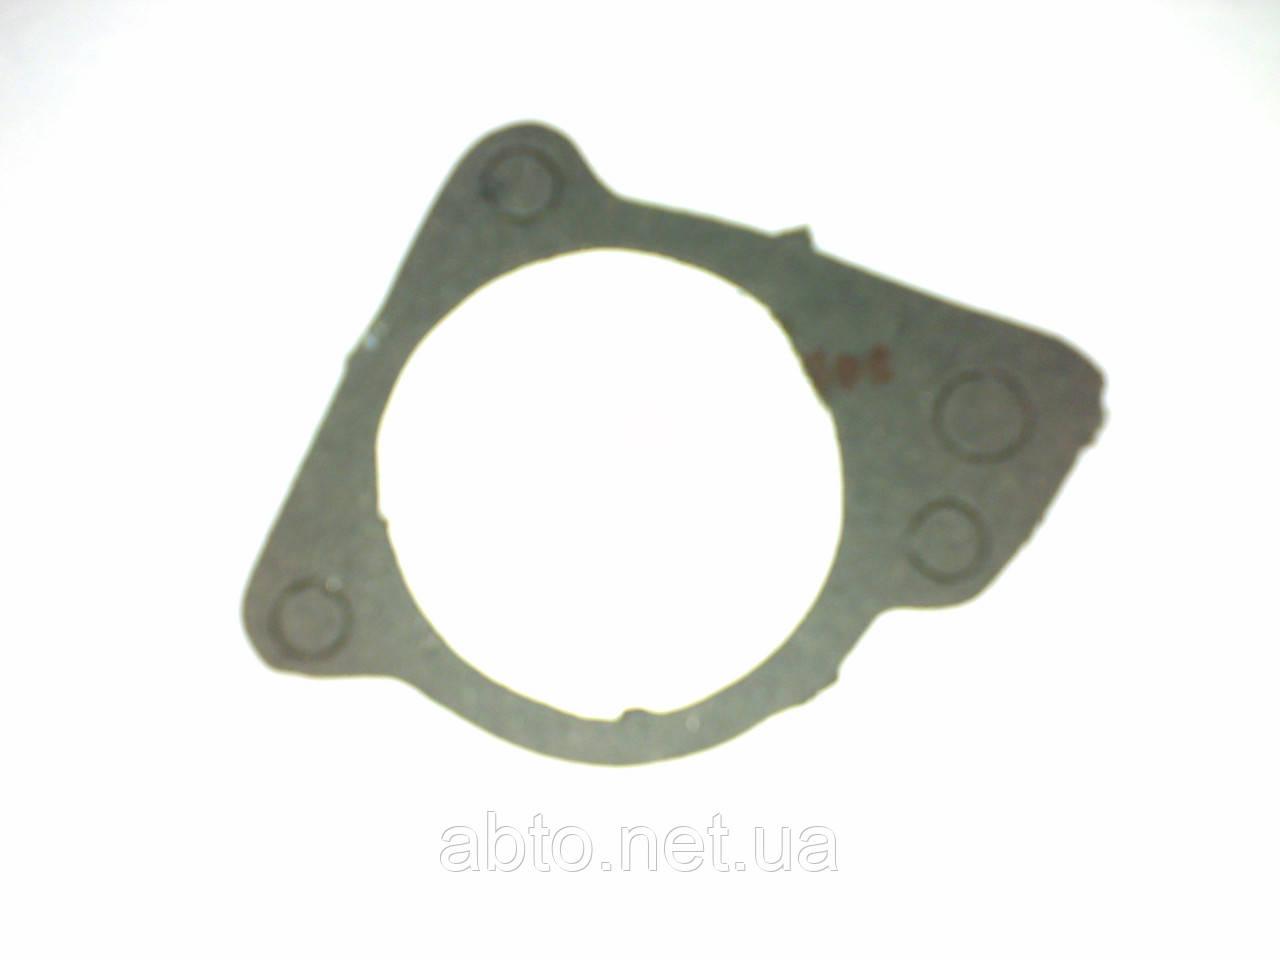 Прокладка корпуса термостата Chery Amulet A11/A15 (Чери Амулет A11/A15), 480-1306053. - Интернет-магазин www.ABTO.net.ua  в Днепре